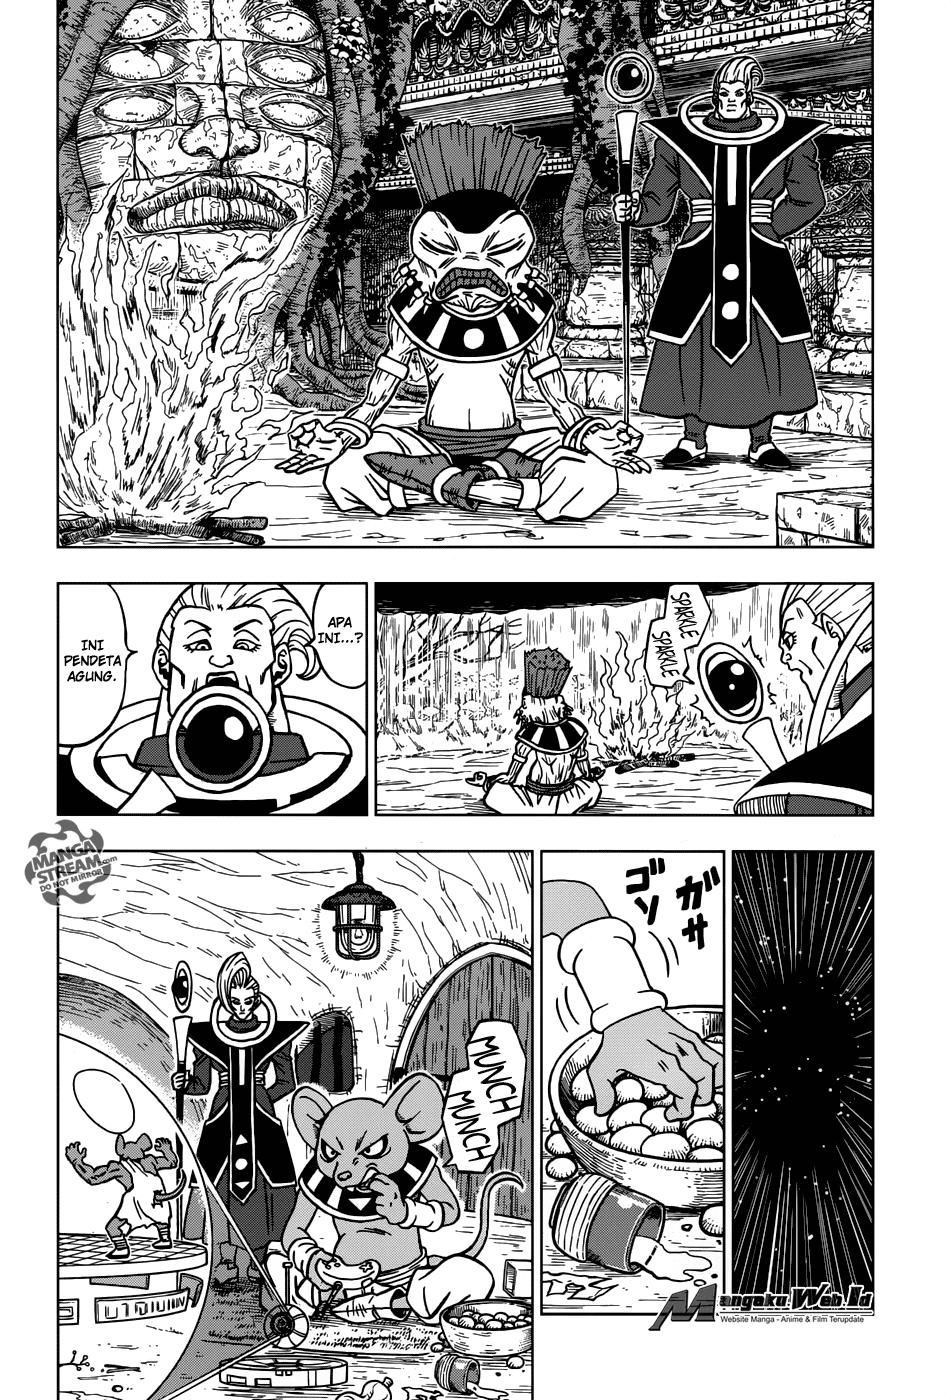 Dragon Ball Super Chapter 28 : Ke 12 Dewa Penghancur Alam Semesta